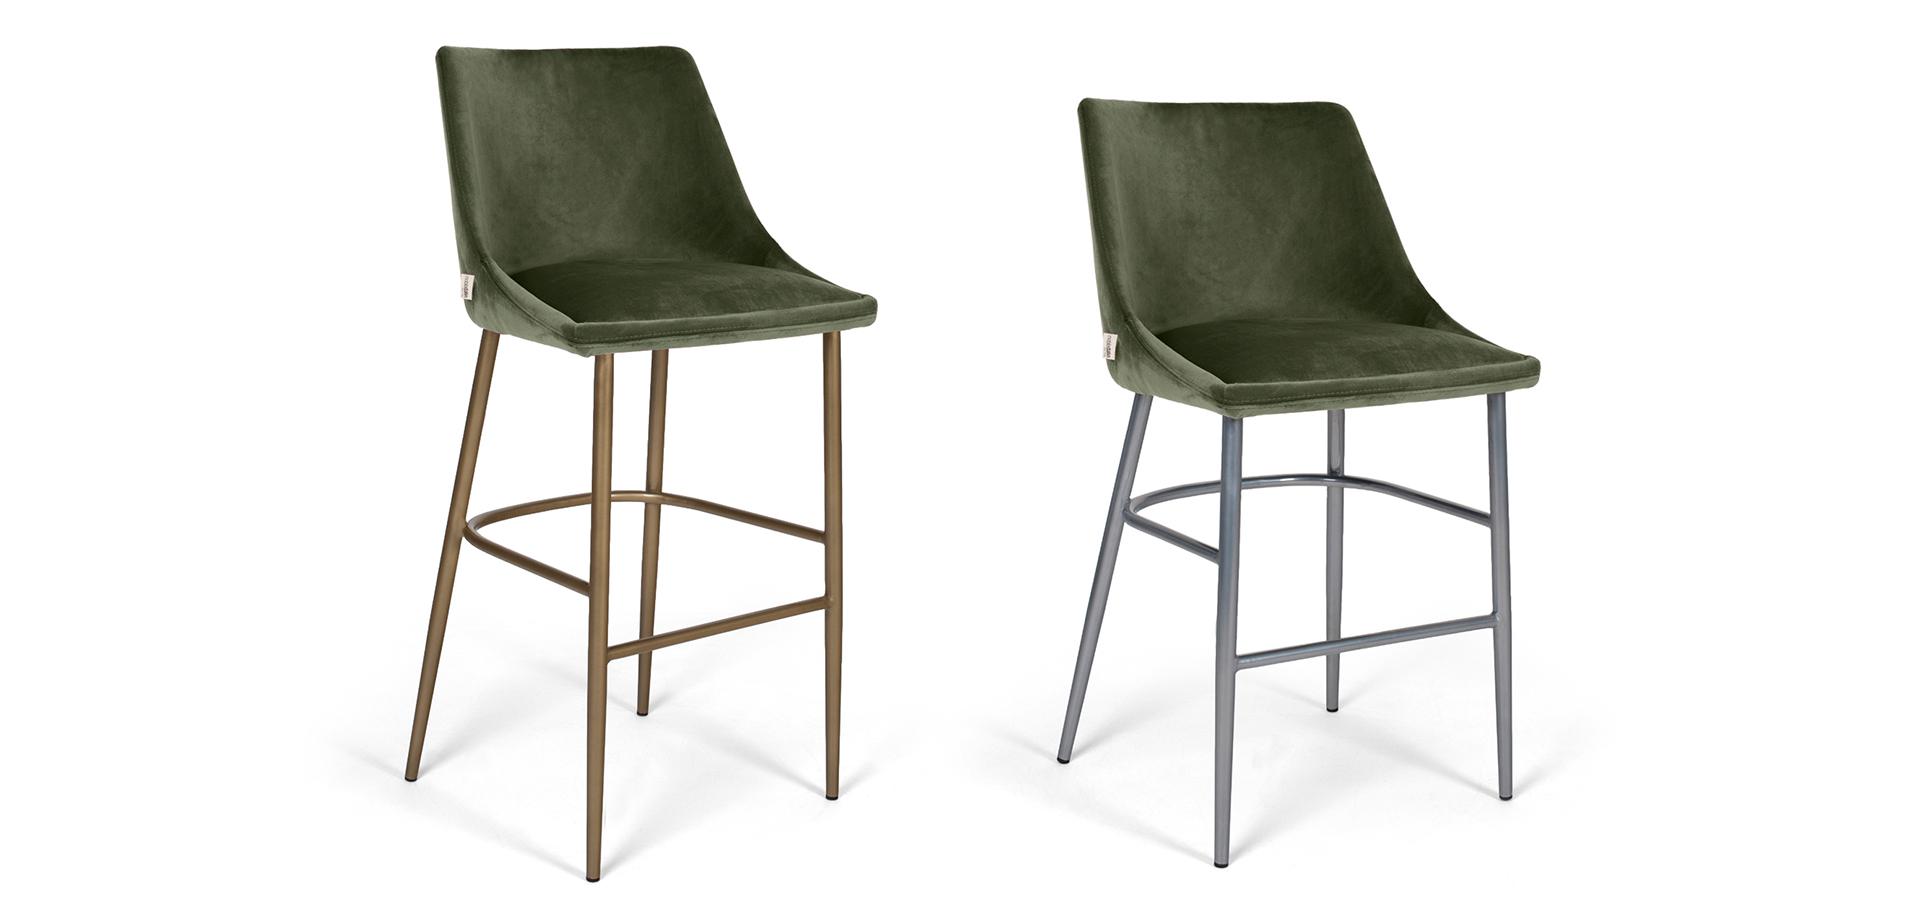 alberta-scaun-17.jpg